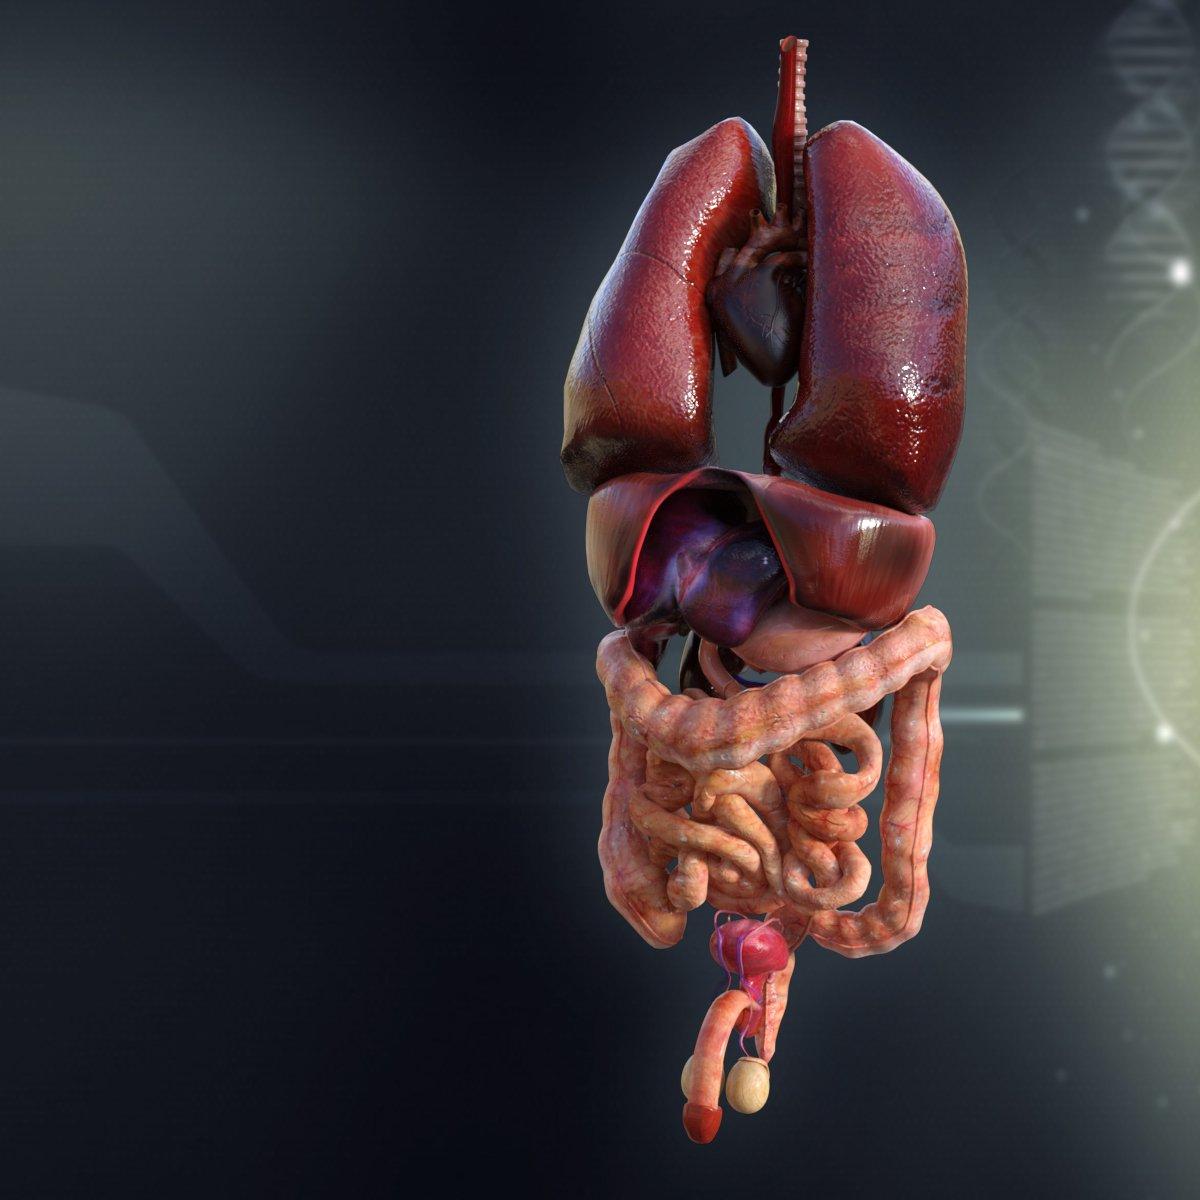 Human Male Internal Organs 3D Model in Anatomy 3DExport